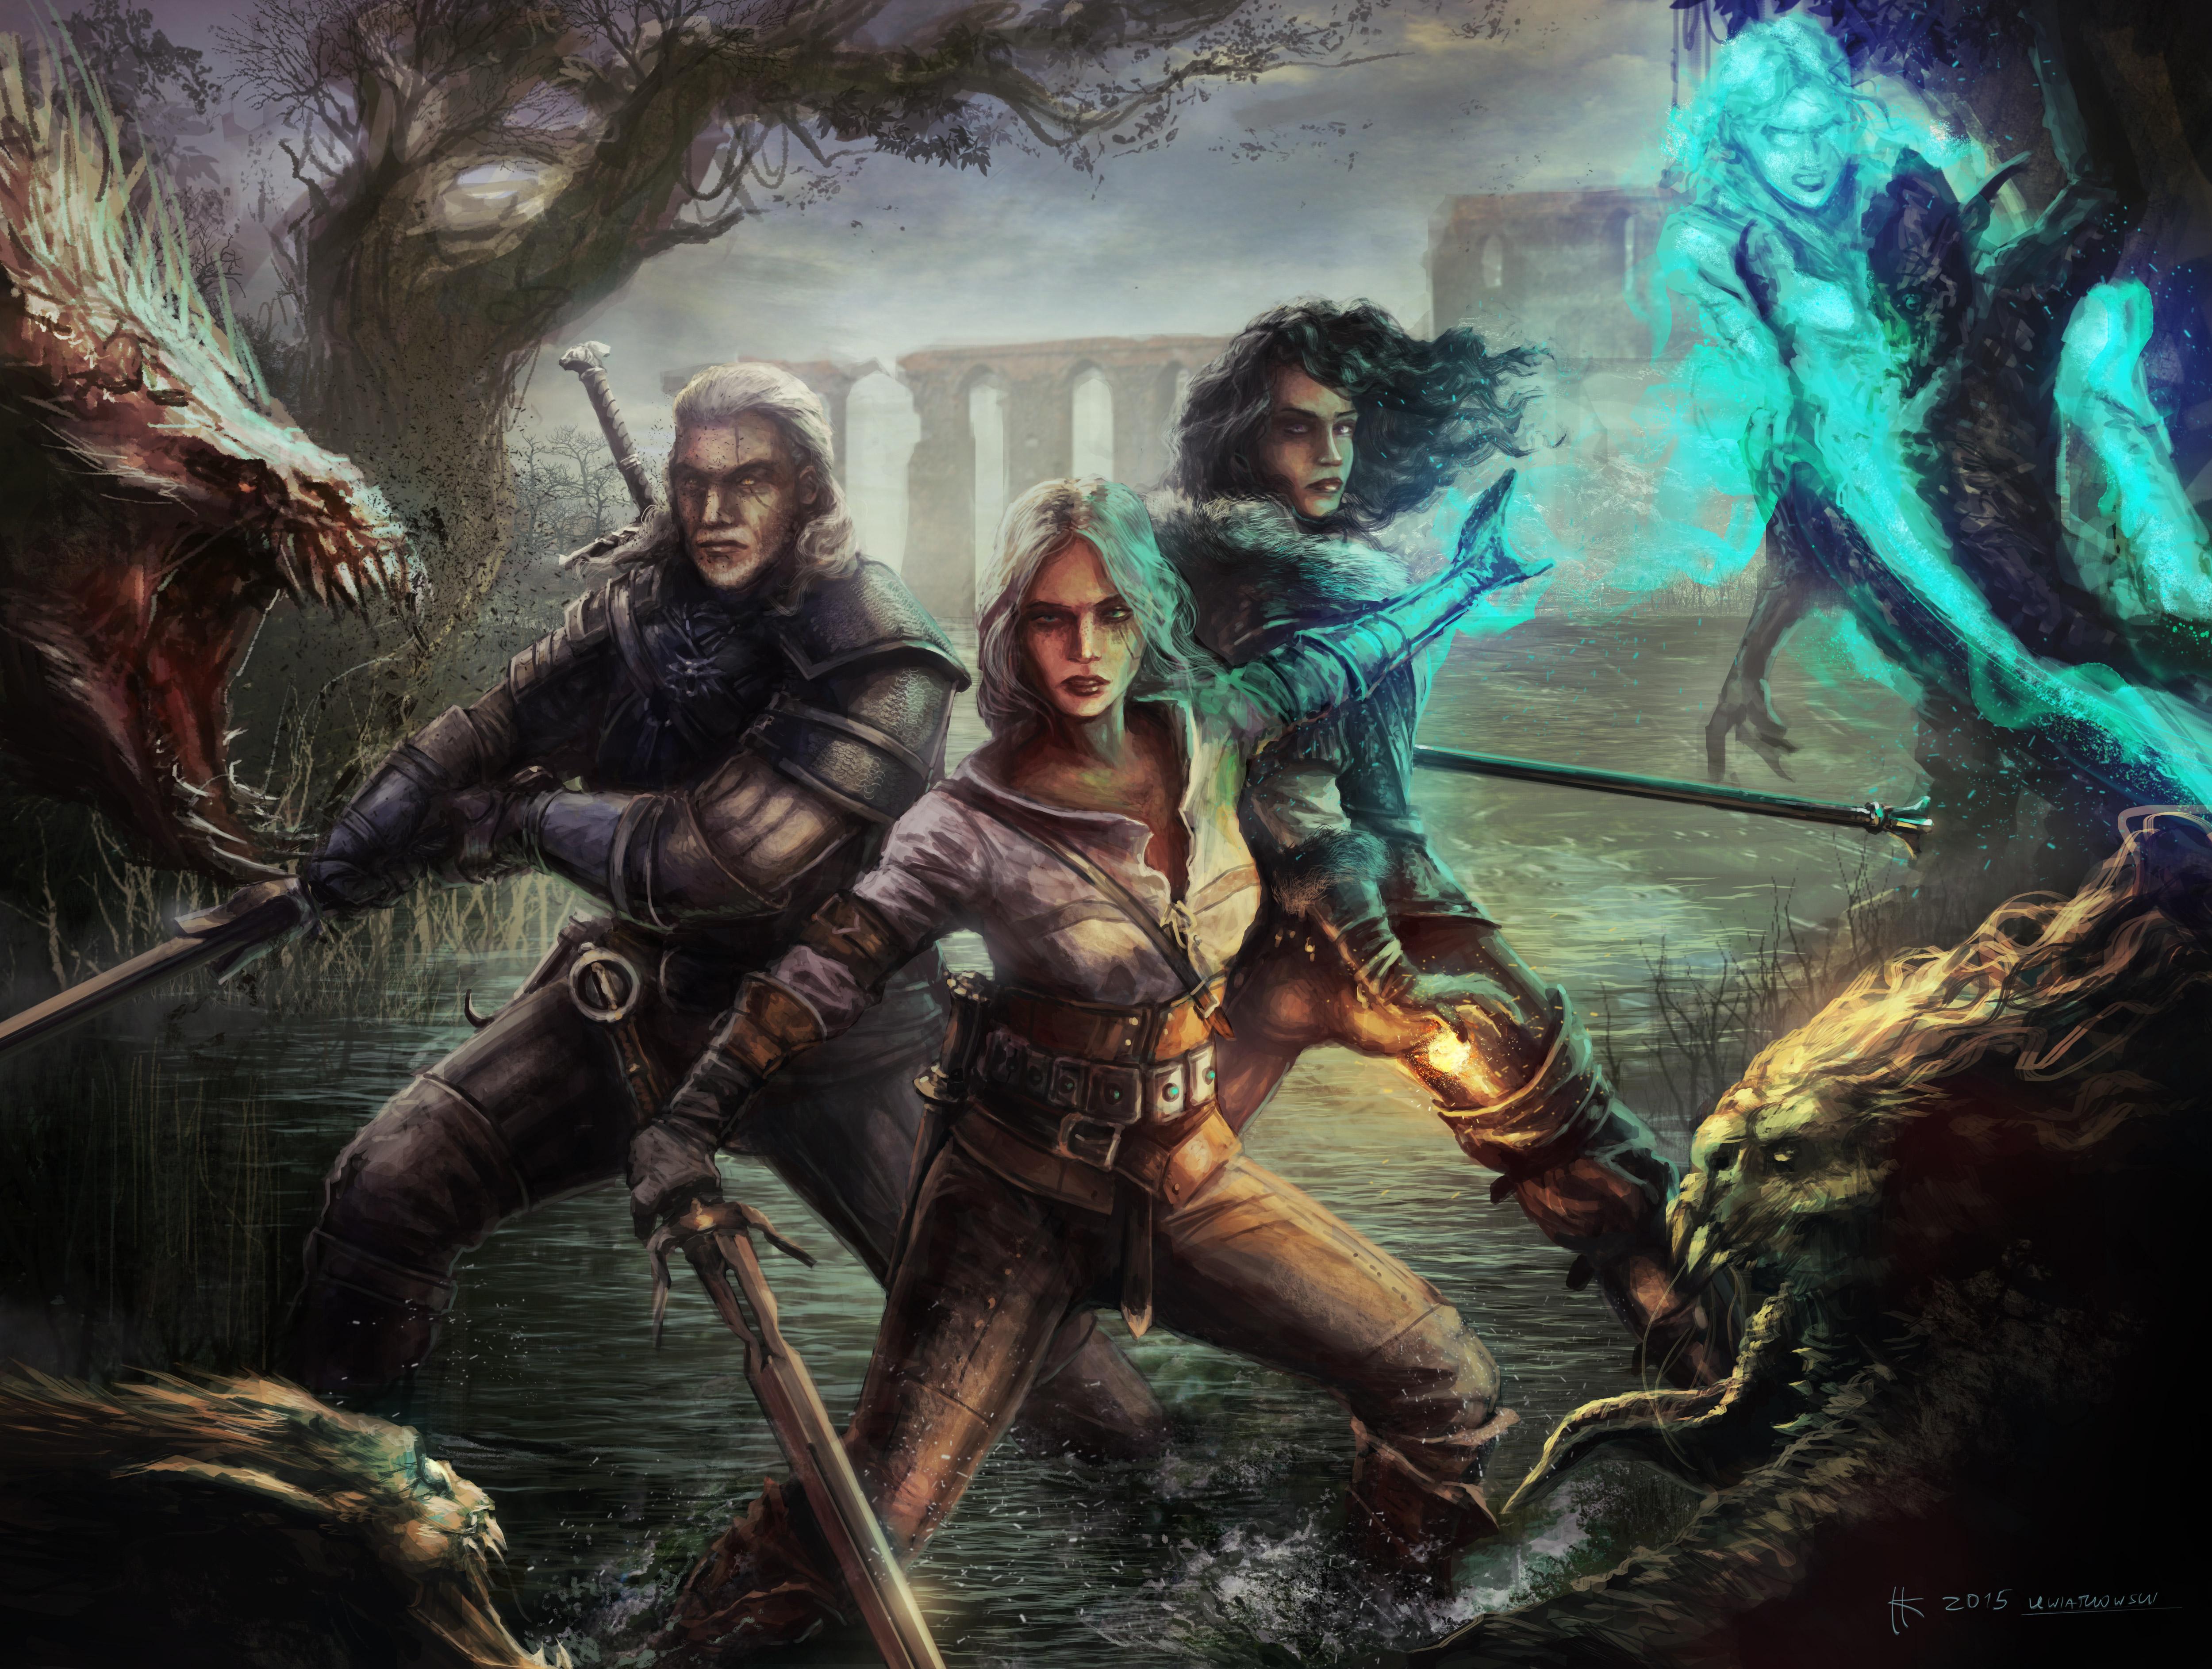 Witcher 3 Wild Hunt Geralt Yen And Ciri, HD Games, 4k